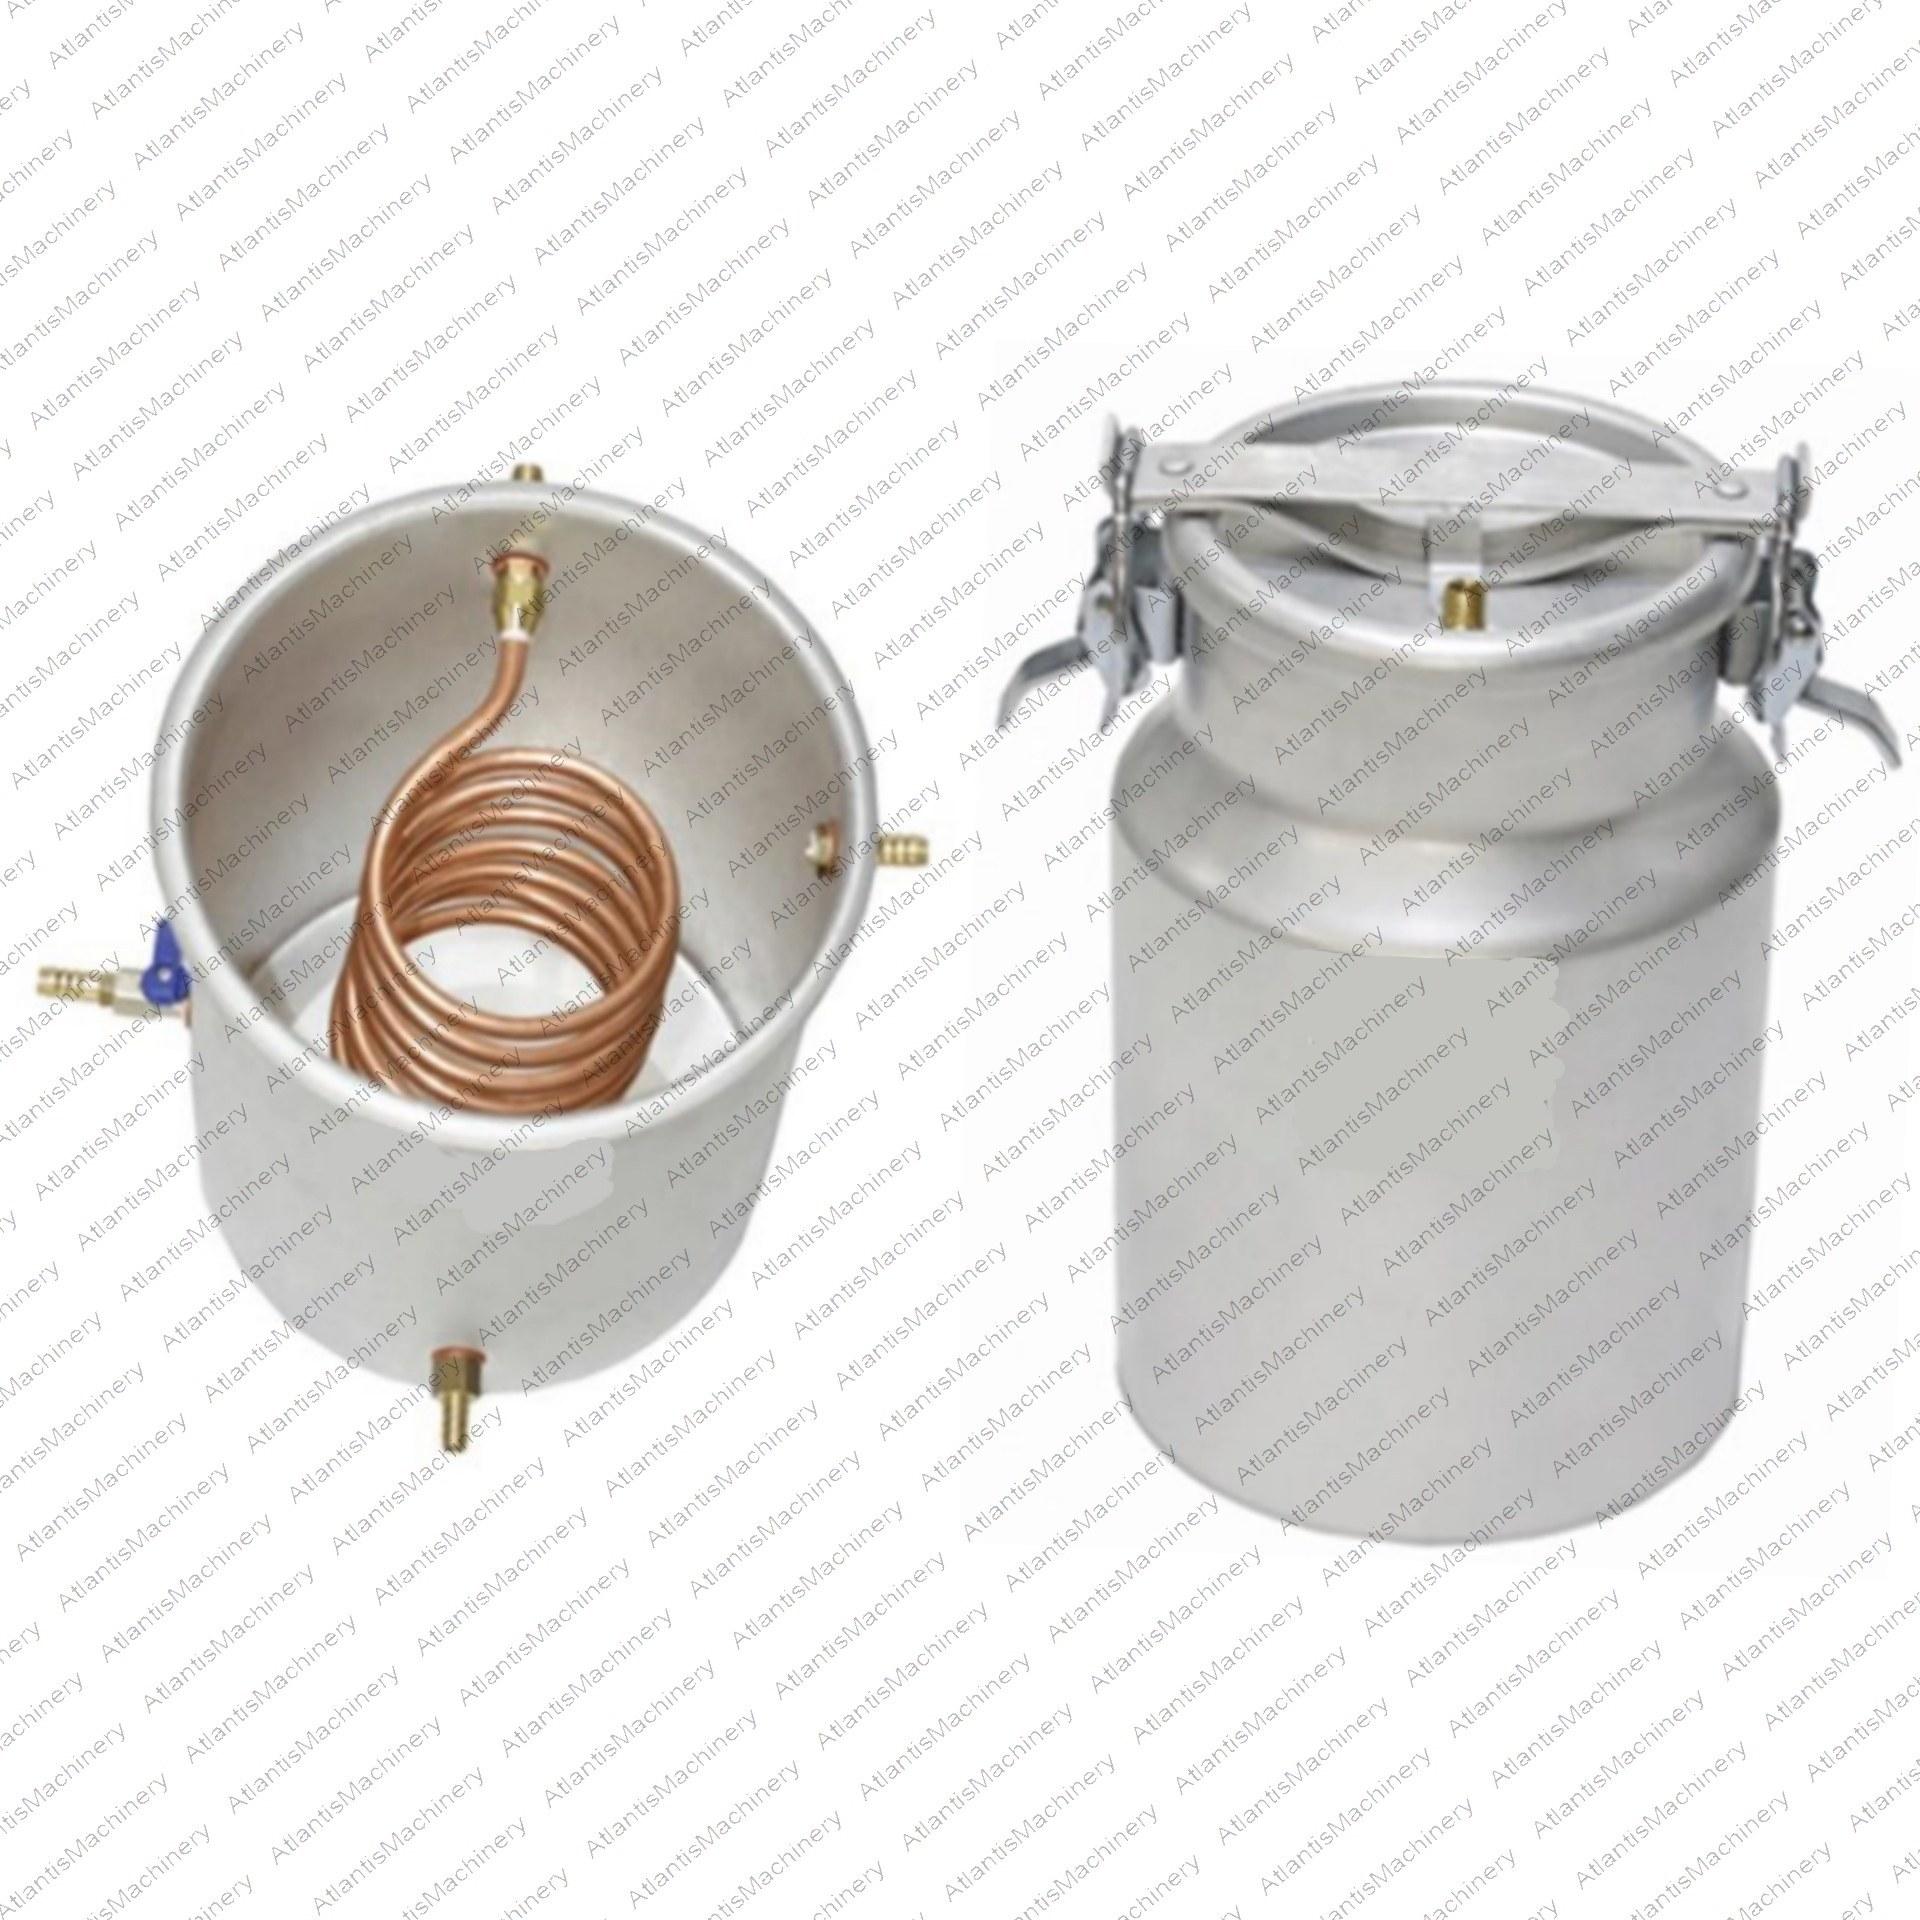 تصویر دستگاه تقطیر(عرق گیر/گلاب گیر) 10 لیتری با کندانسور(خنک کننده) آبی مسی